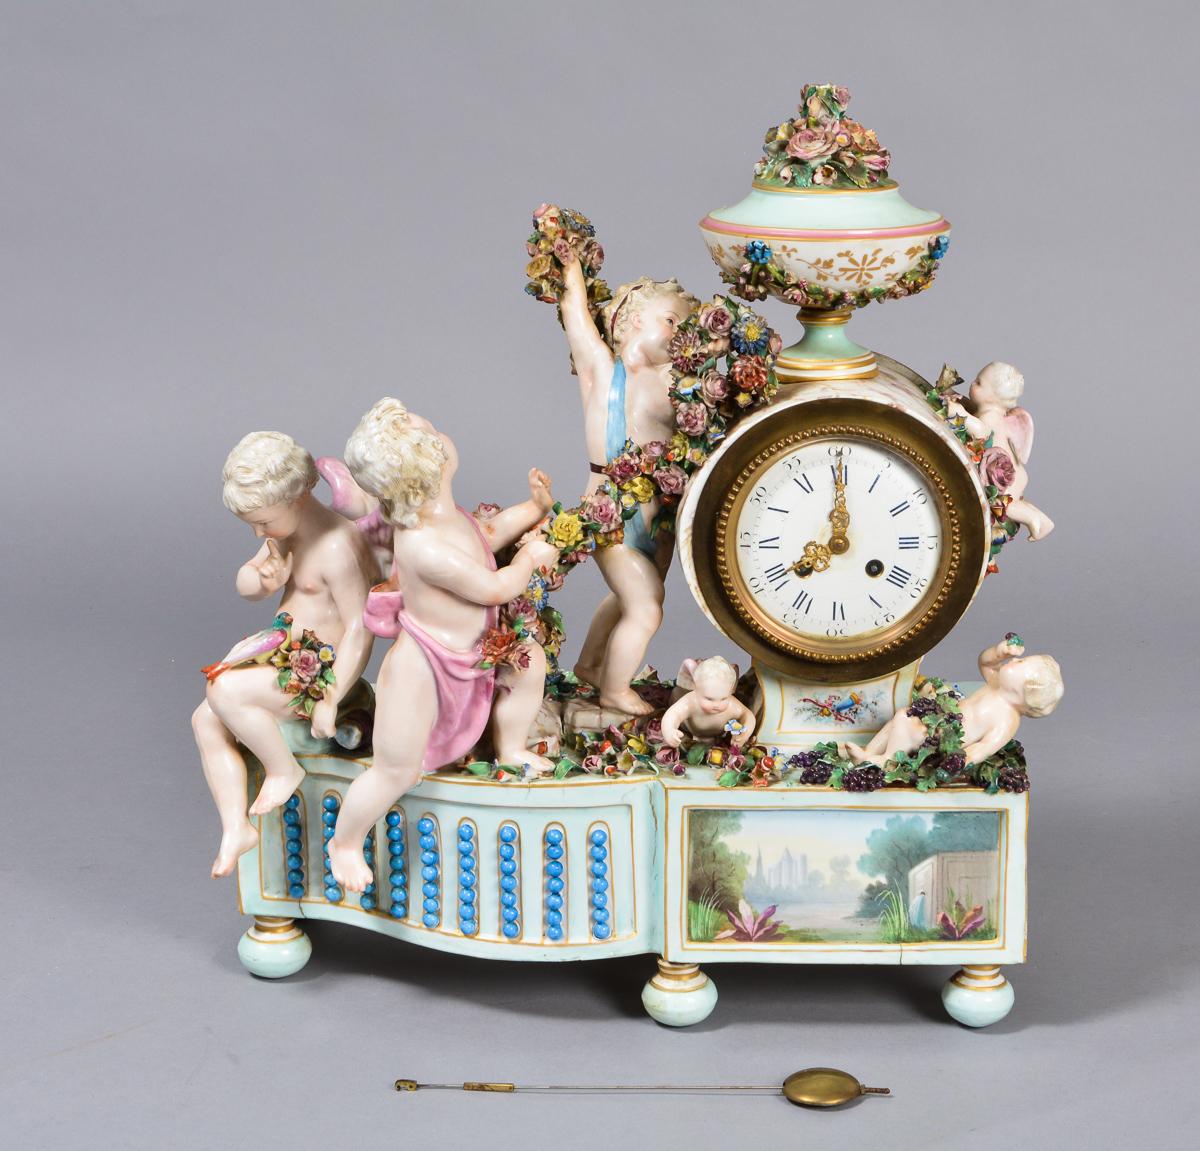 Bordur af porcelæn, antagelig tysk - Bordur af porcelæn, rigt dekoreret, hvid emaljeskive, ant. tysk. Der medfølger ingen optræksnøgle. Fremstår med brændingsfejl og med med afslag. Mål: B. 45 cm. H. 55 cm. D. 22 cm. Lauritz.com garanterer ikke for funktionaliteten